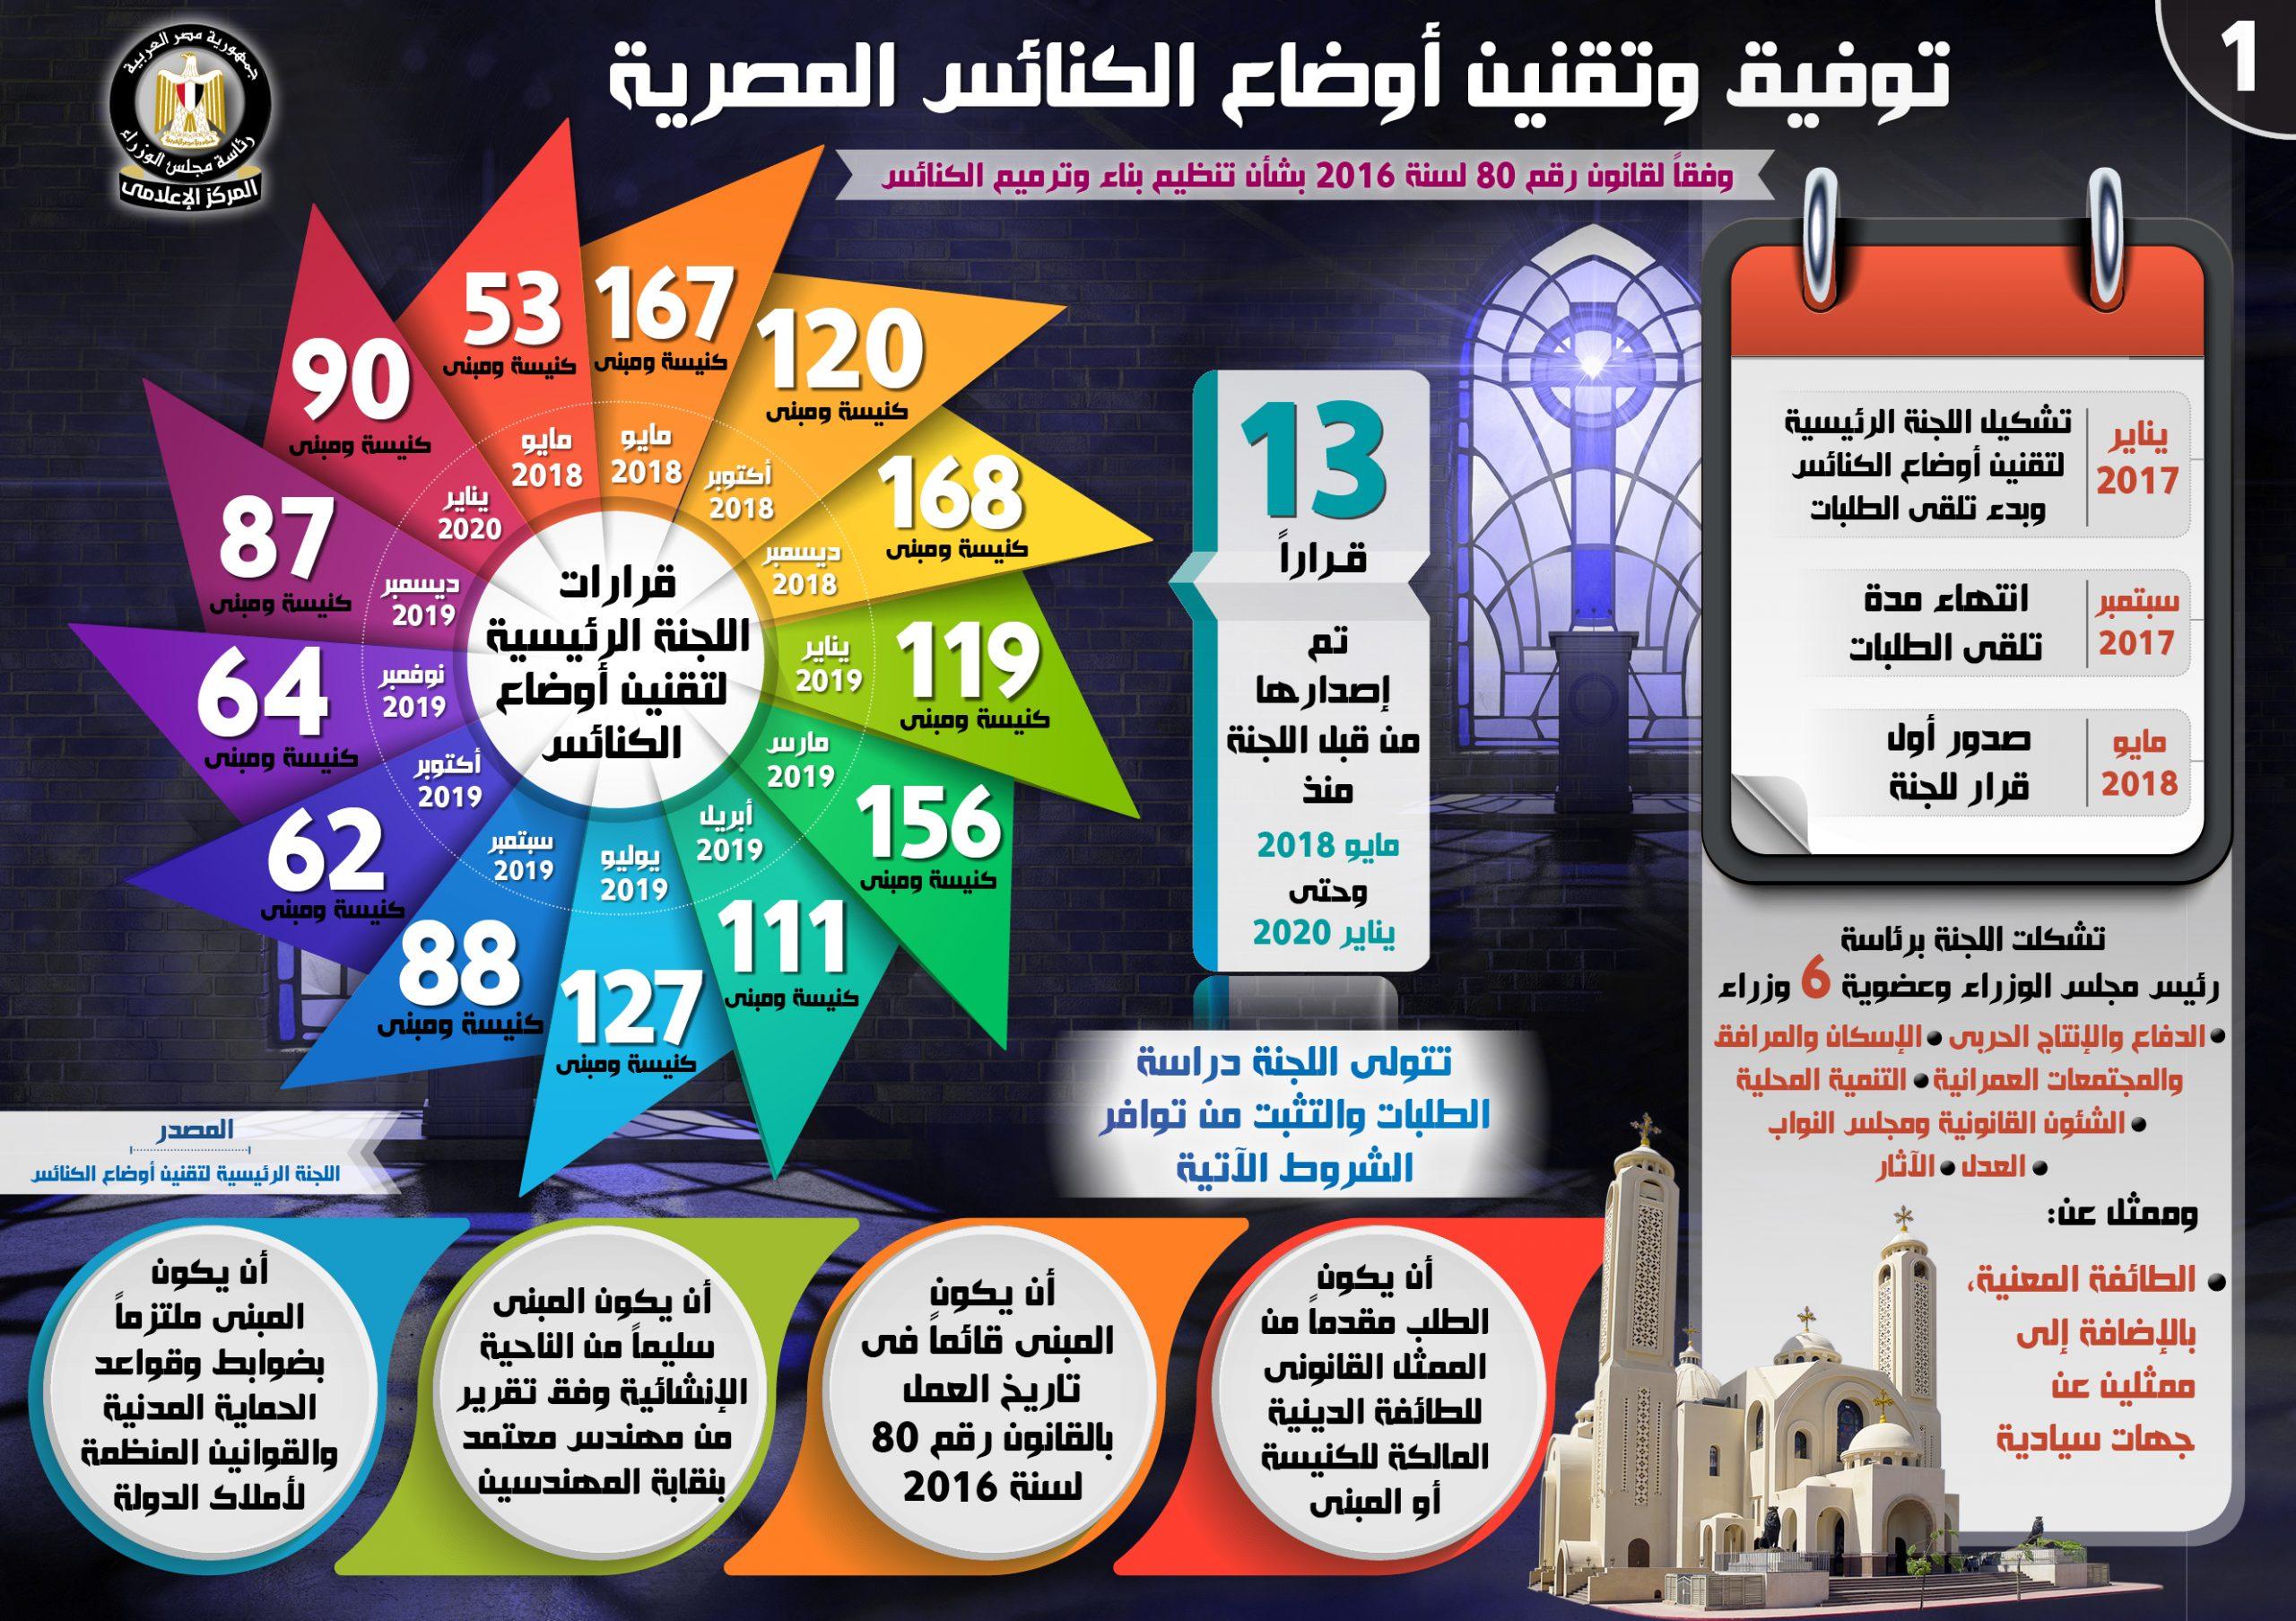 بالإنفوجراف..  1412 كنيسة ومبني تم تقنين أوضاعها حتى الآن على مستوى الجمهورية